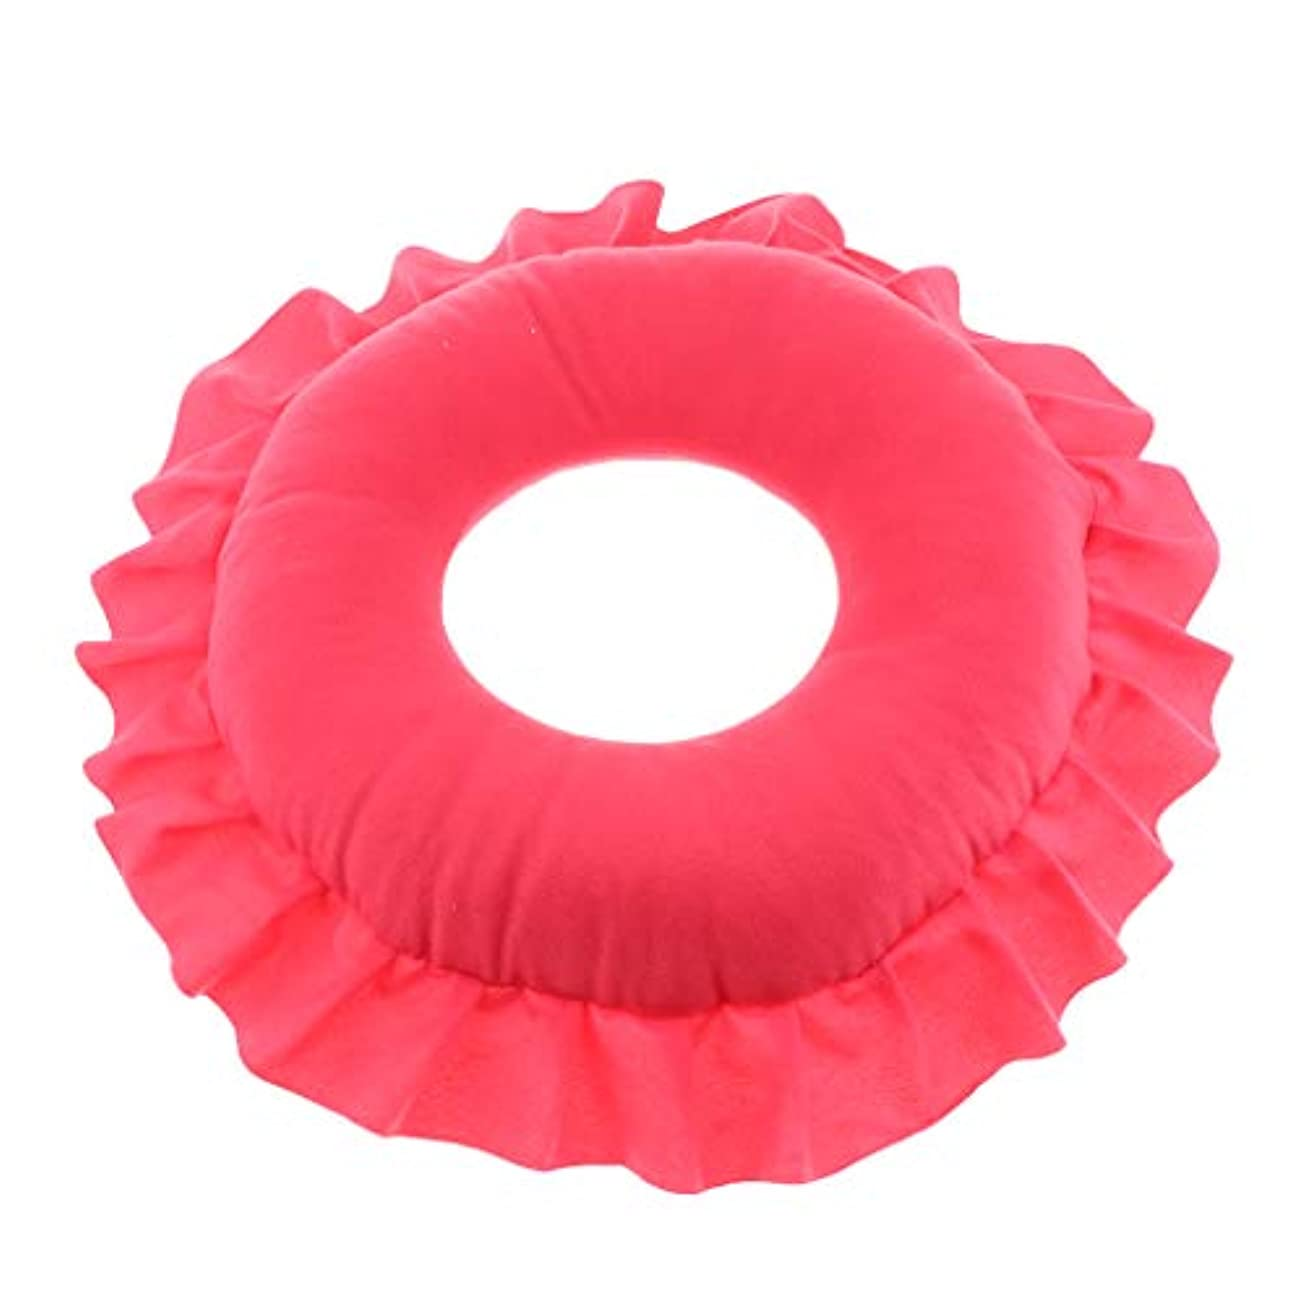 穀物人事気怠いFLAMEER 全4色 フェイスピロー 顔枕 マッサージピロー クッション 美容院 快適 洗える 実用的 - 赤